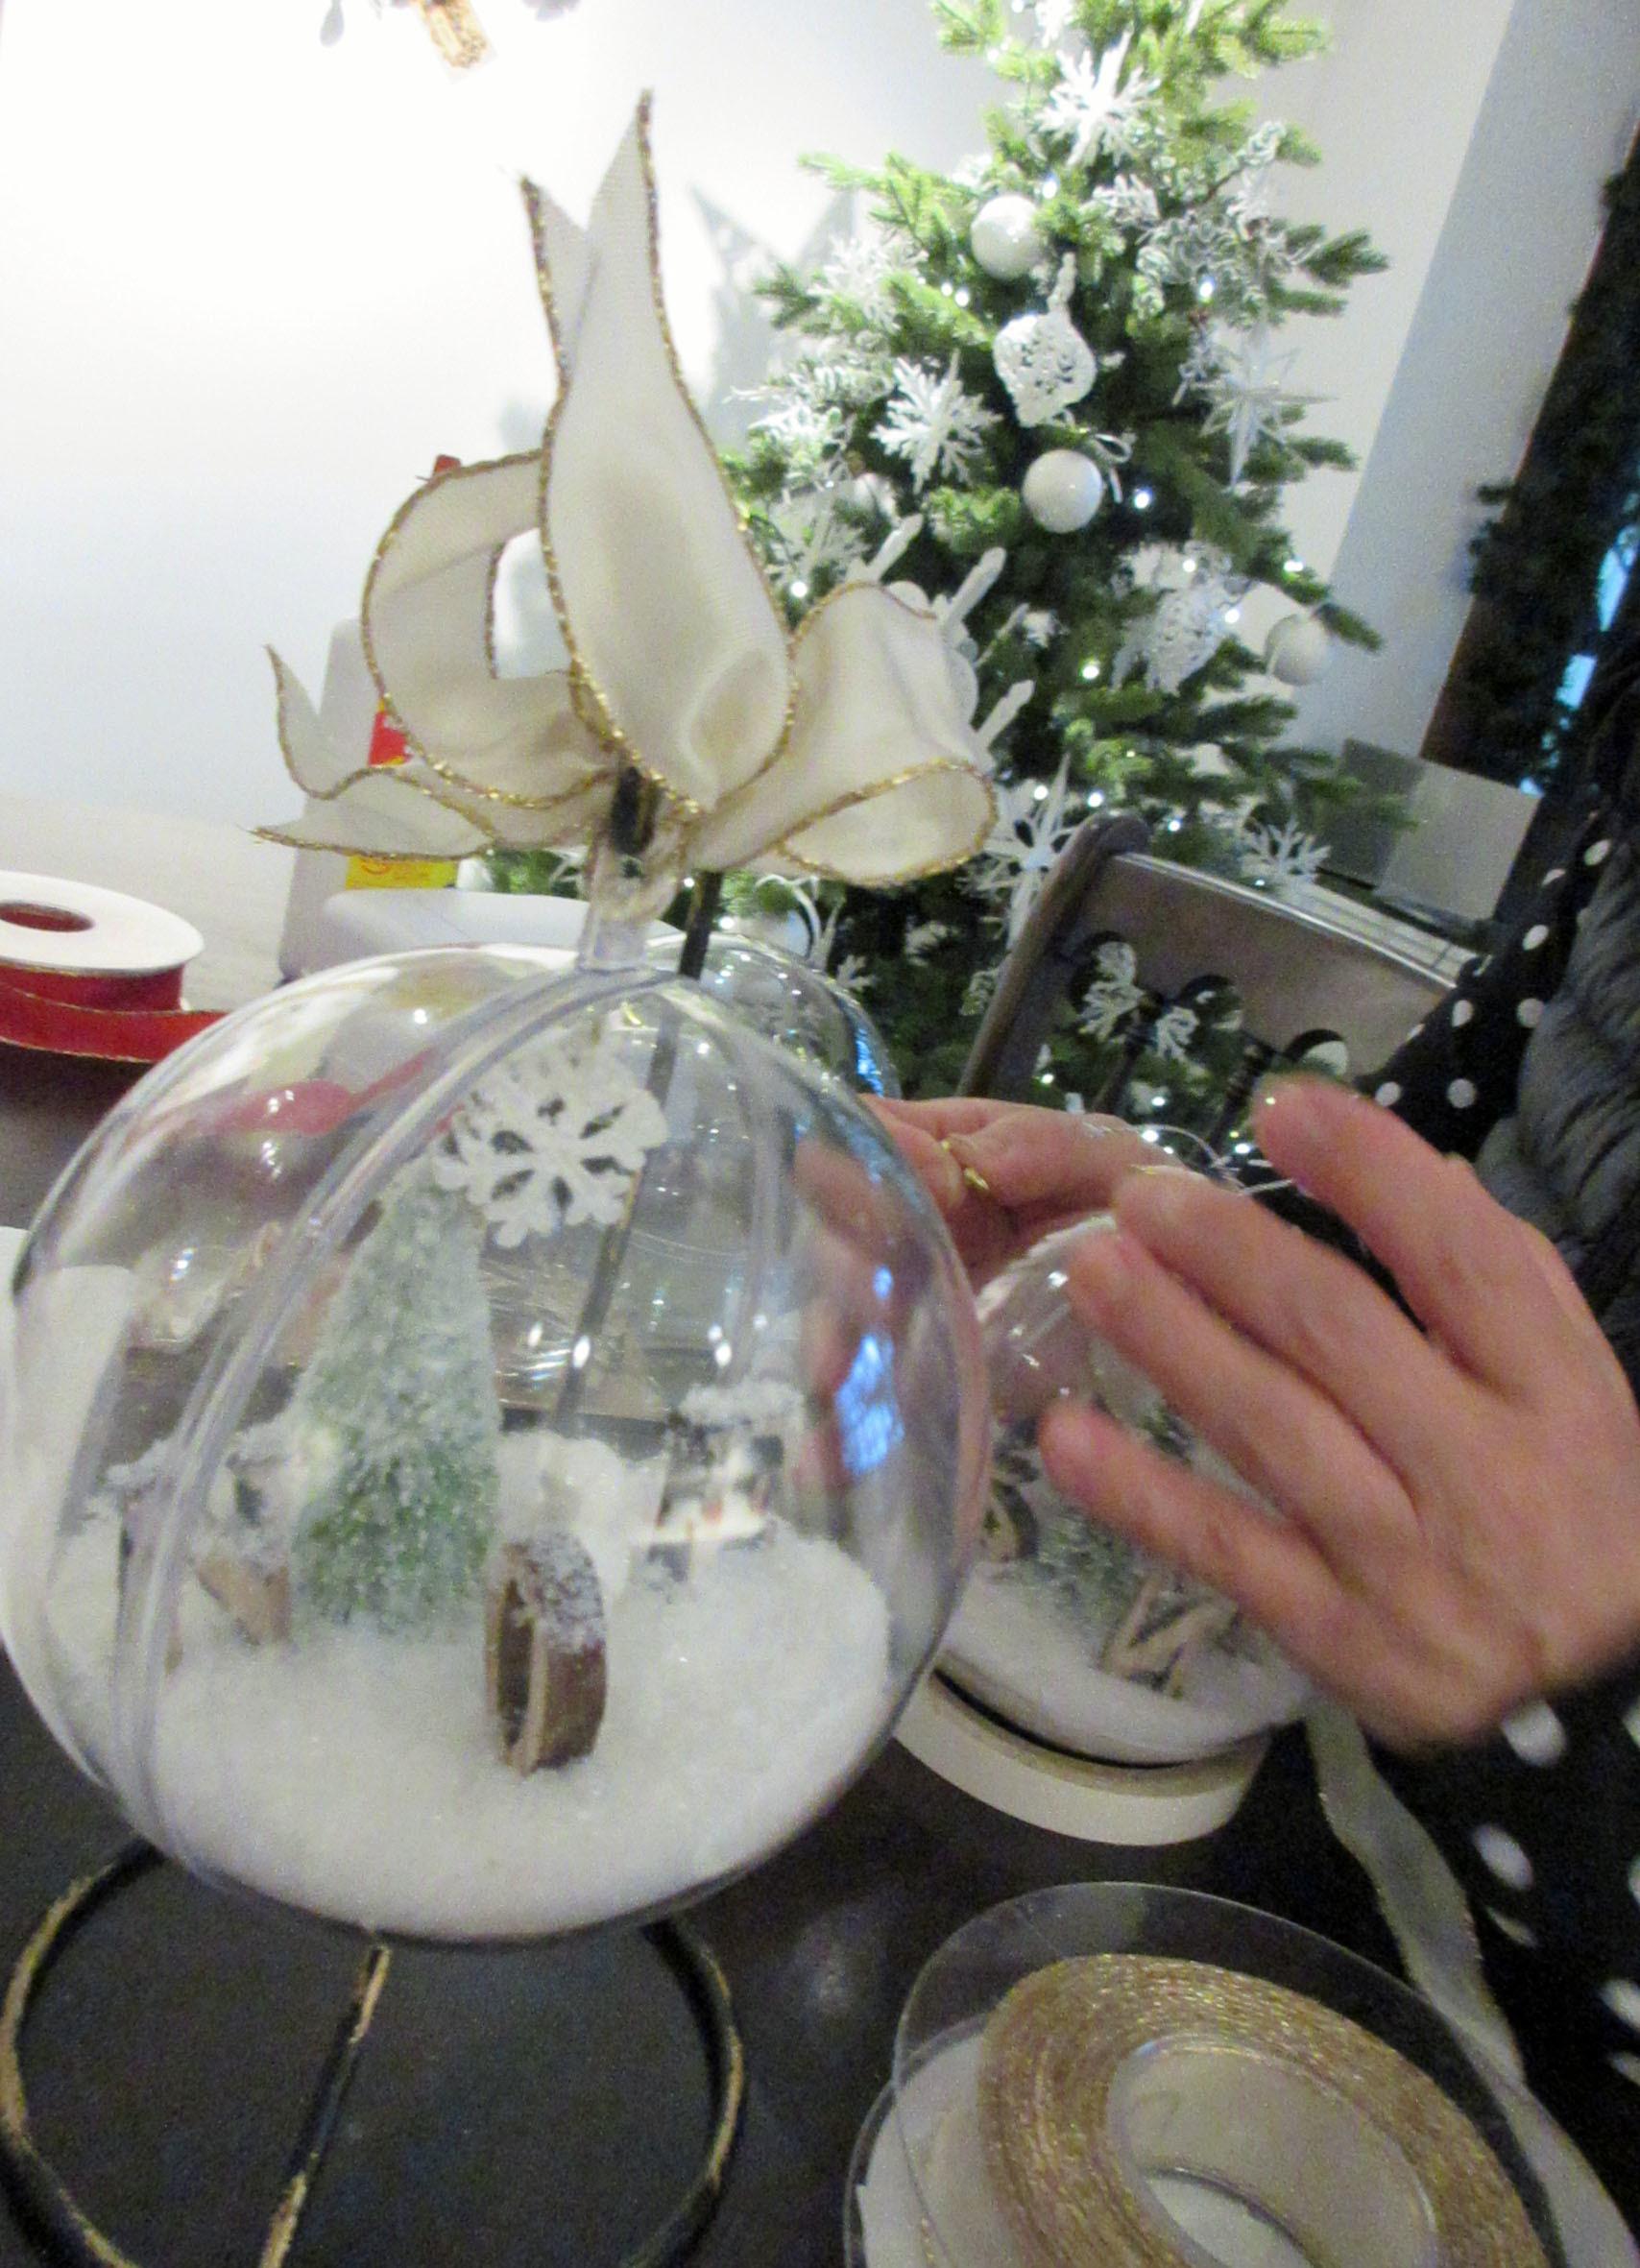 ちょっと早めのクリスマス気分。リース;にもみの木&オーナメント_e0341401_01233123.jpg